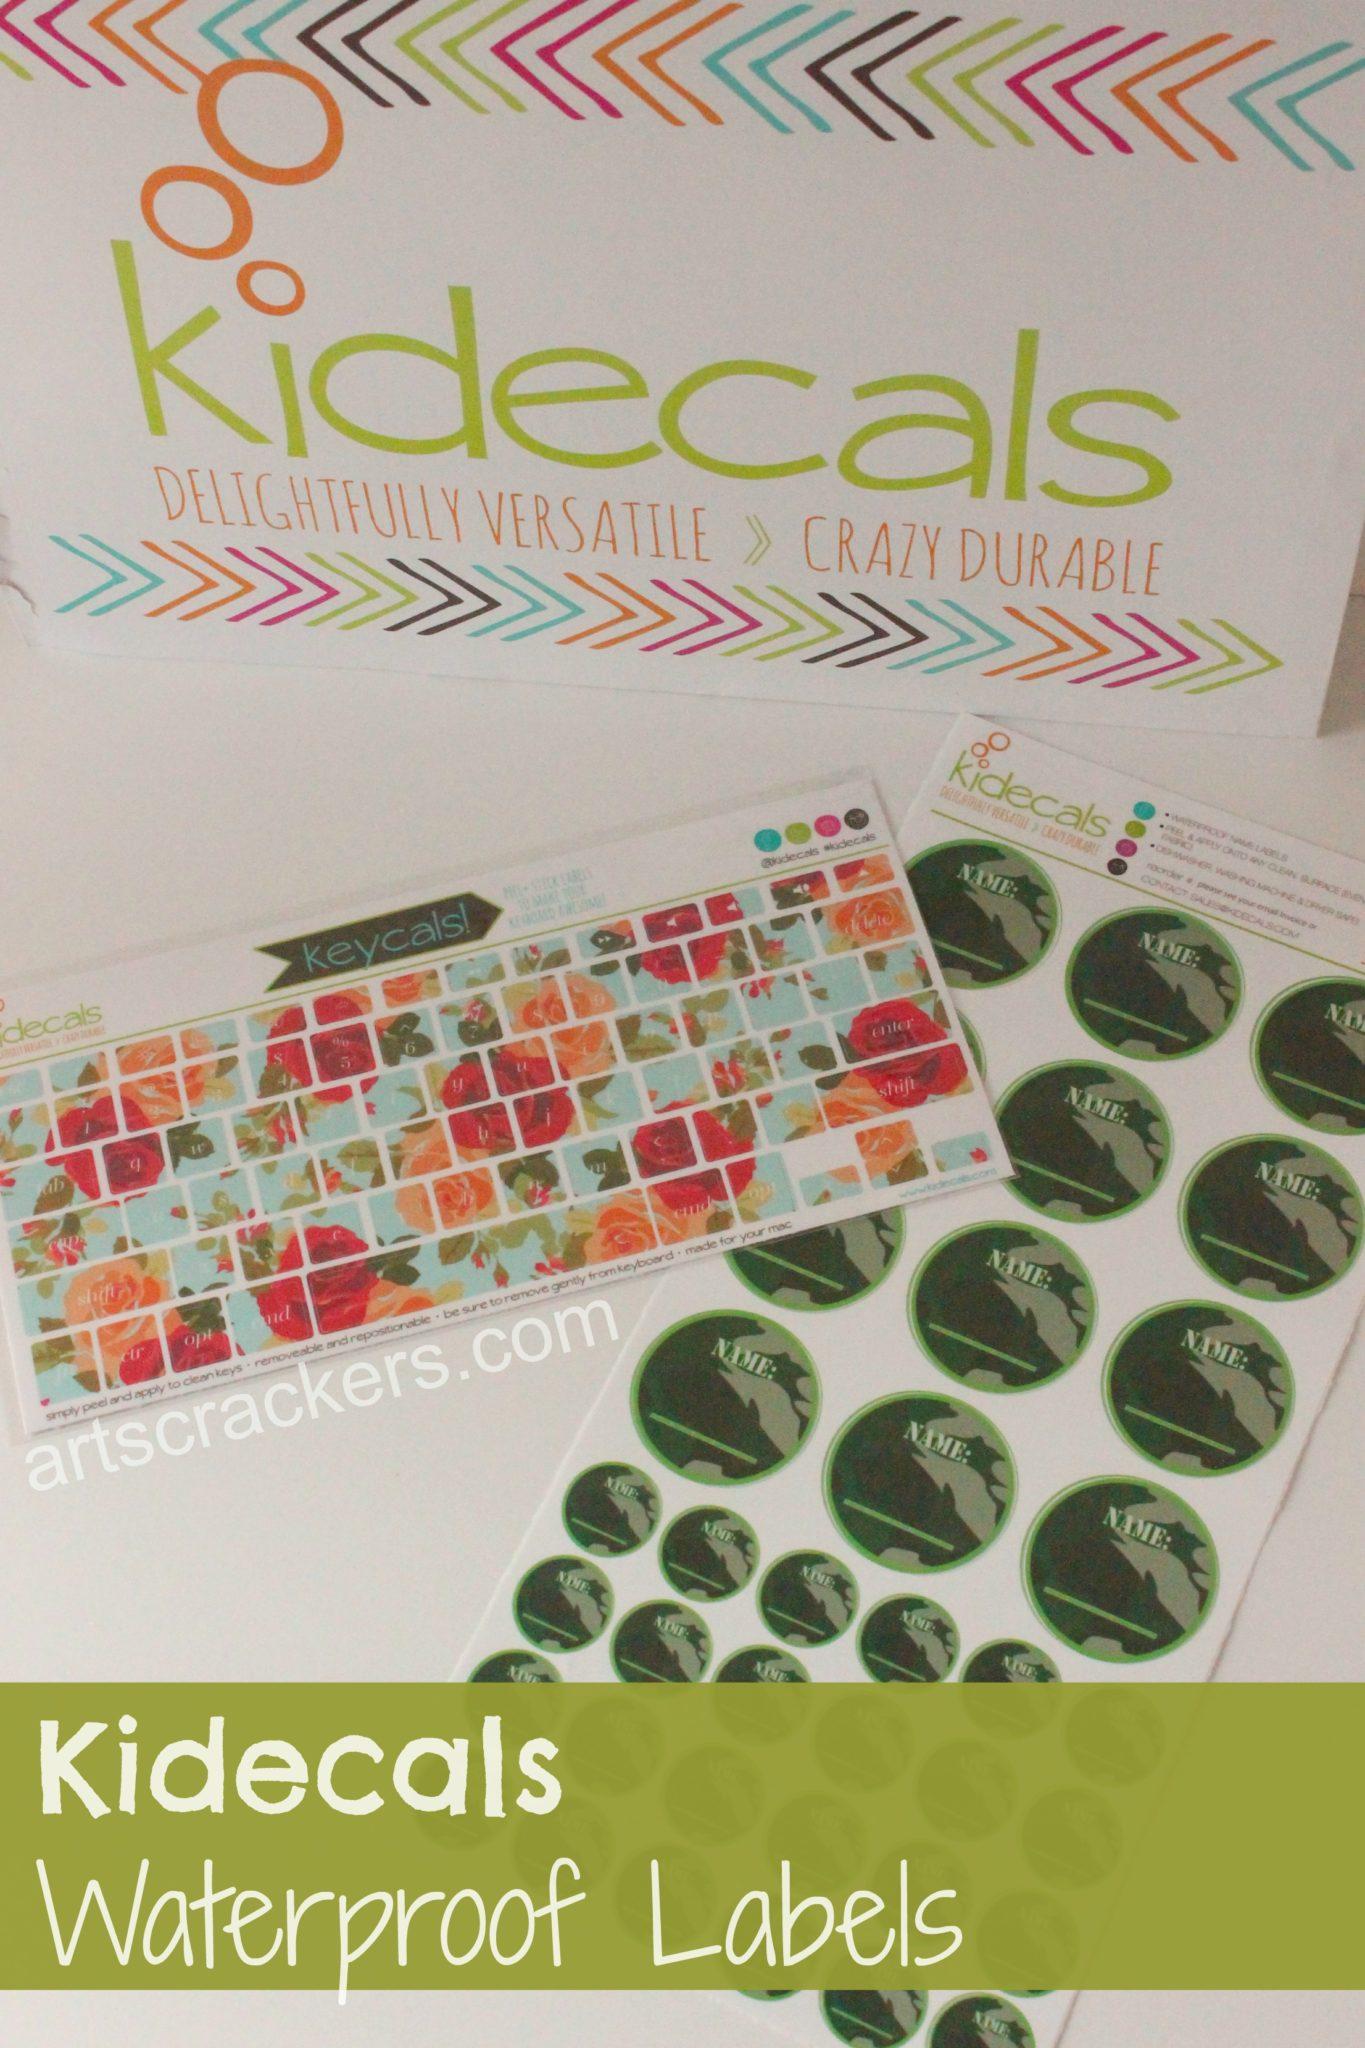 Kidecals Waterproof Labels